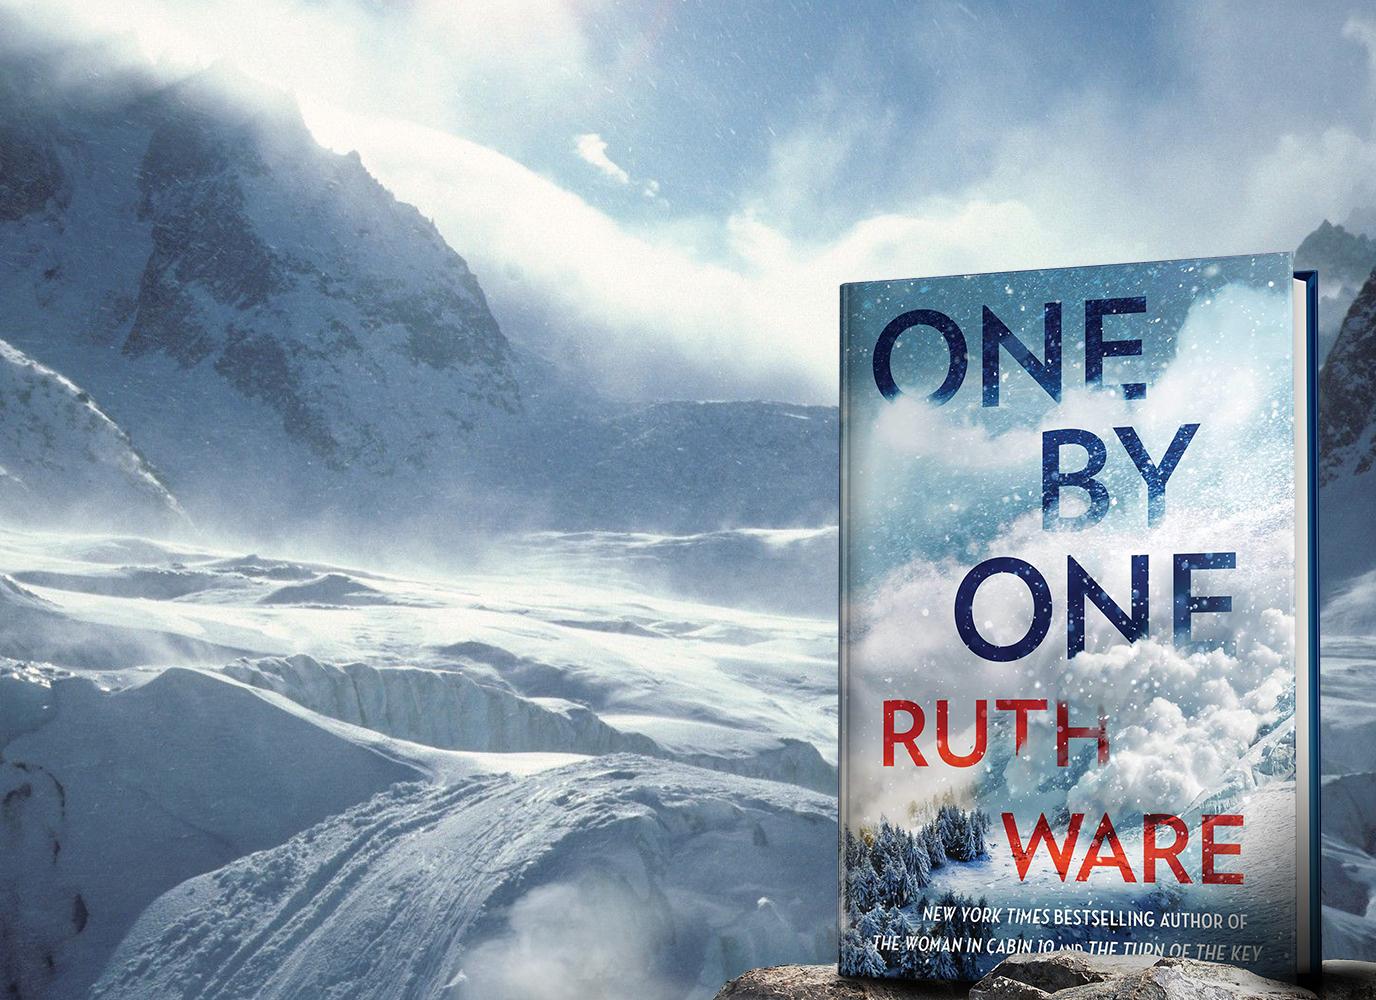 Новий роман Рут Веа незабаром вийде друком